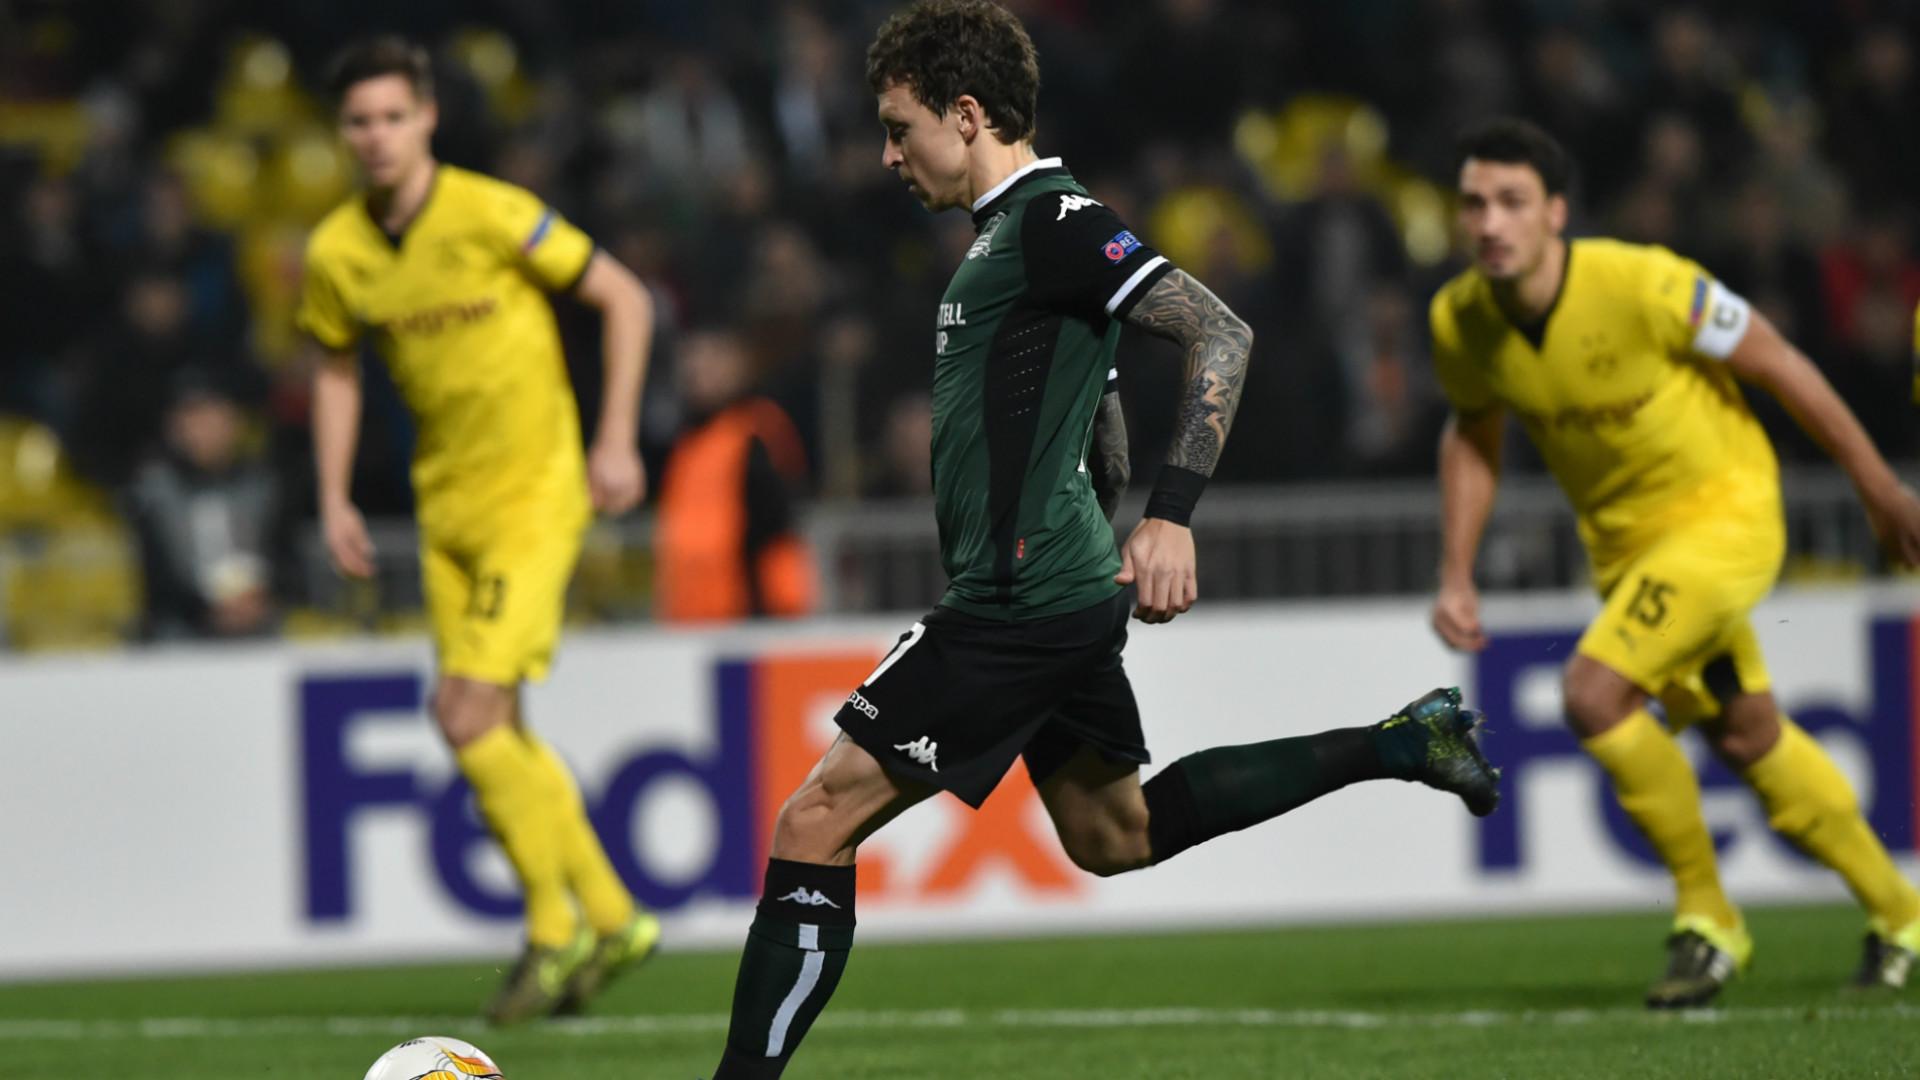 Pavel Mamaev Krasnodar Borussia Dortmund Europa League 26112015